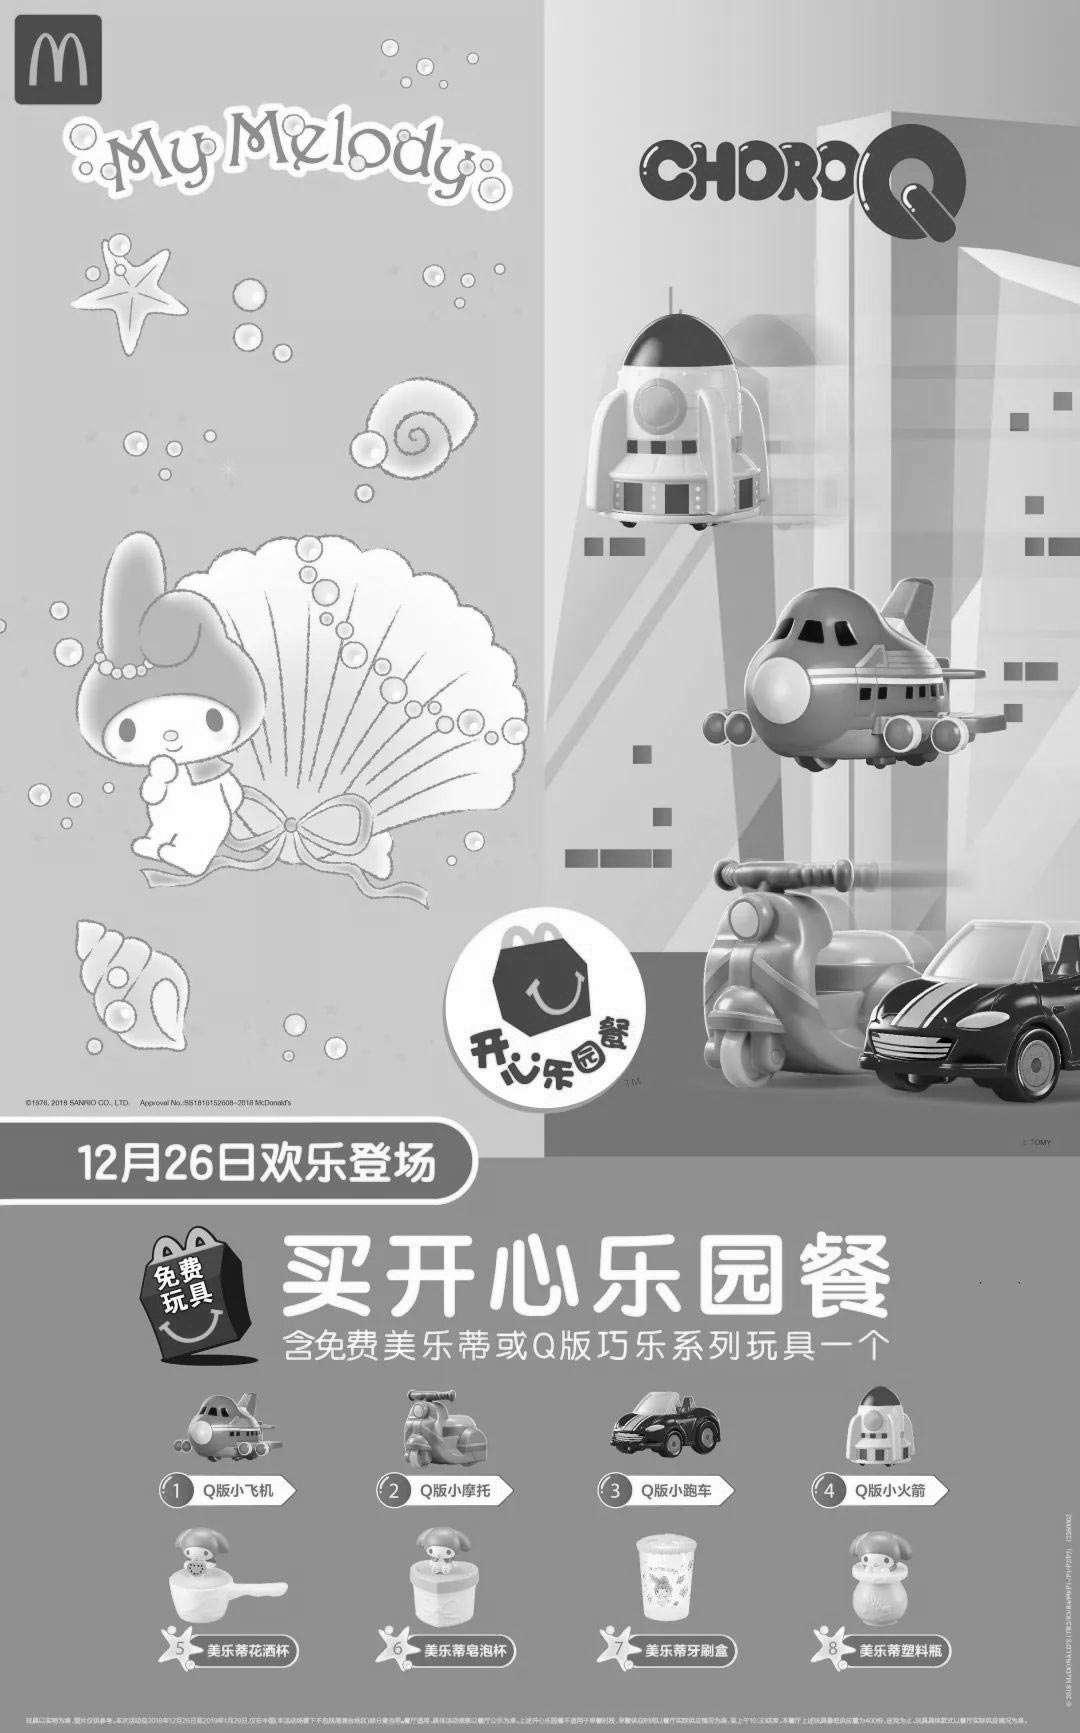 黑白优惠券图片:麦当劳儿童餐2019年1月免费玩具,美乐蒂或Q版巧乐系列玩具 - www.5ikfc.com